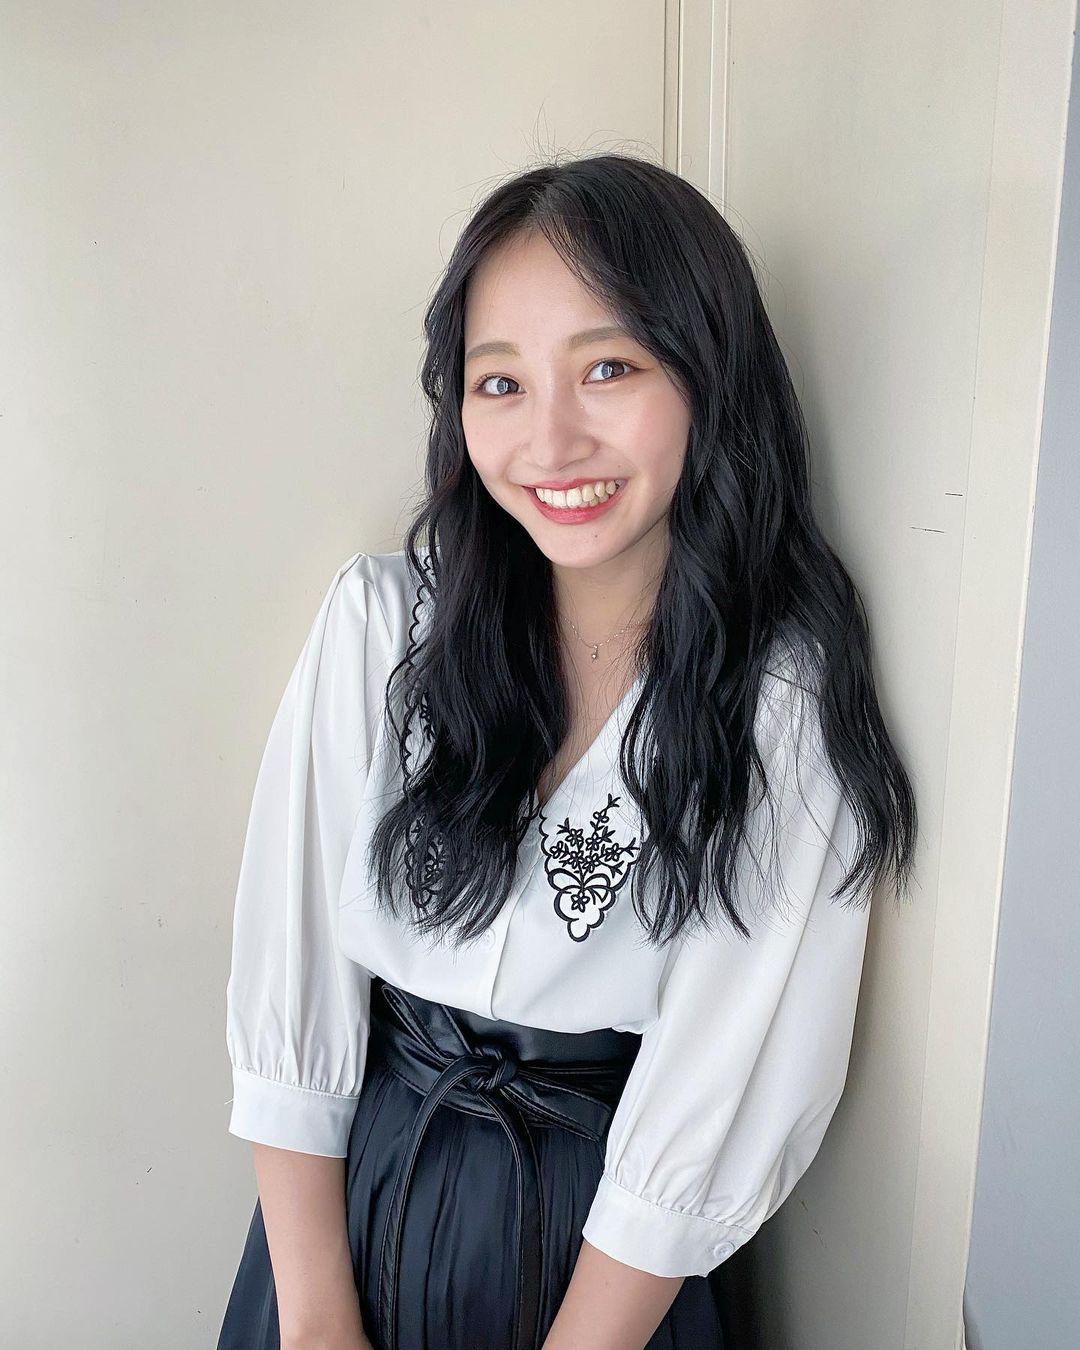 NMB48次世代王牌山本彩加引退转当护理师超暖原因让人更爱她了 网络美女 第17张